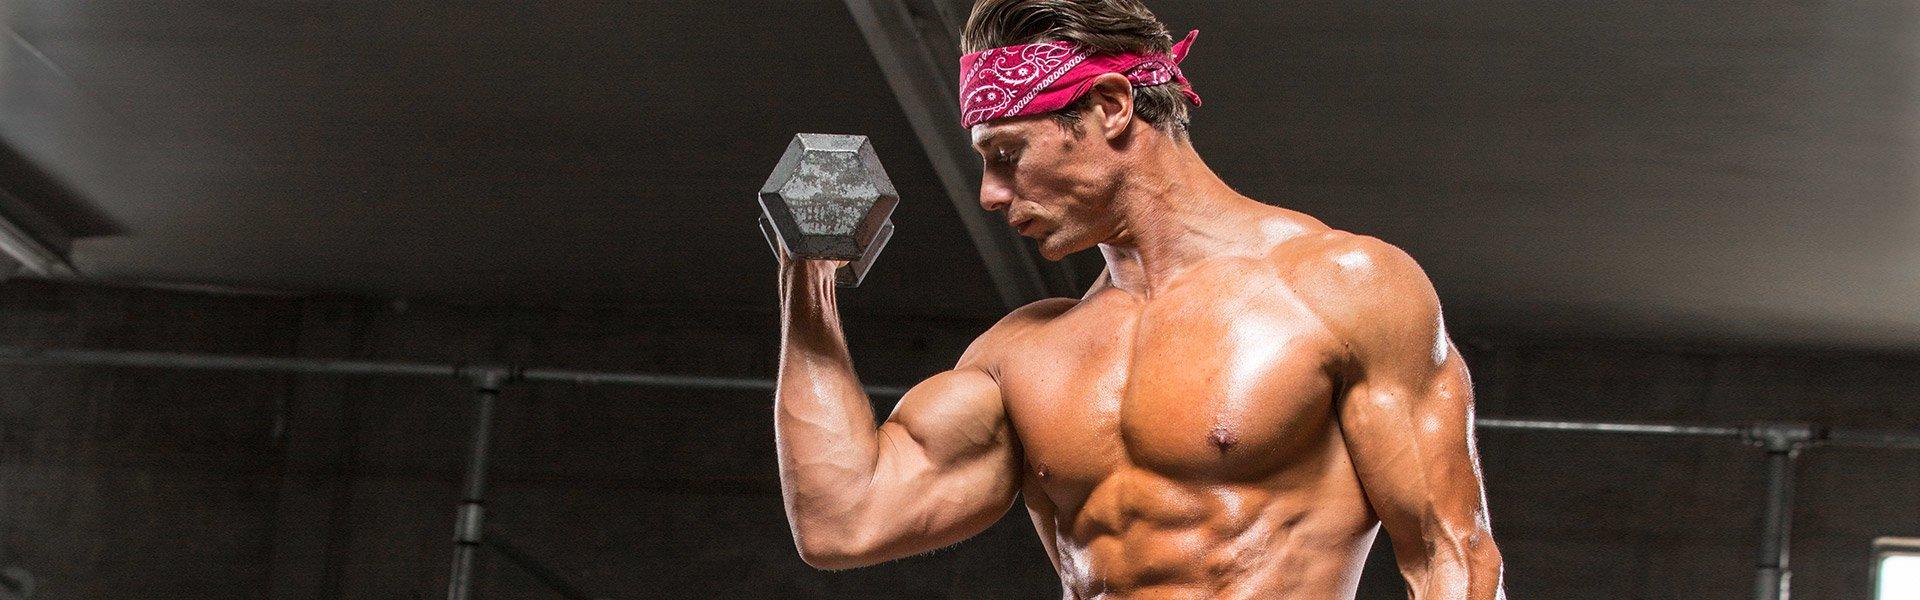 Genial Bodybuilding.com